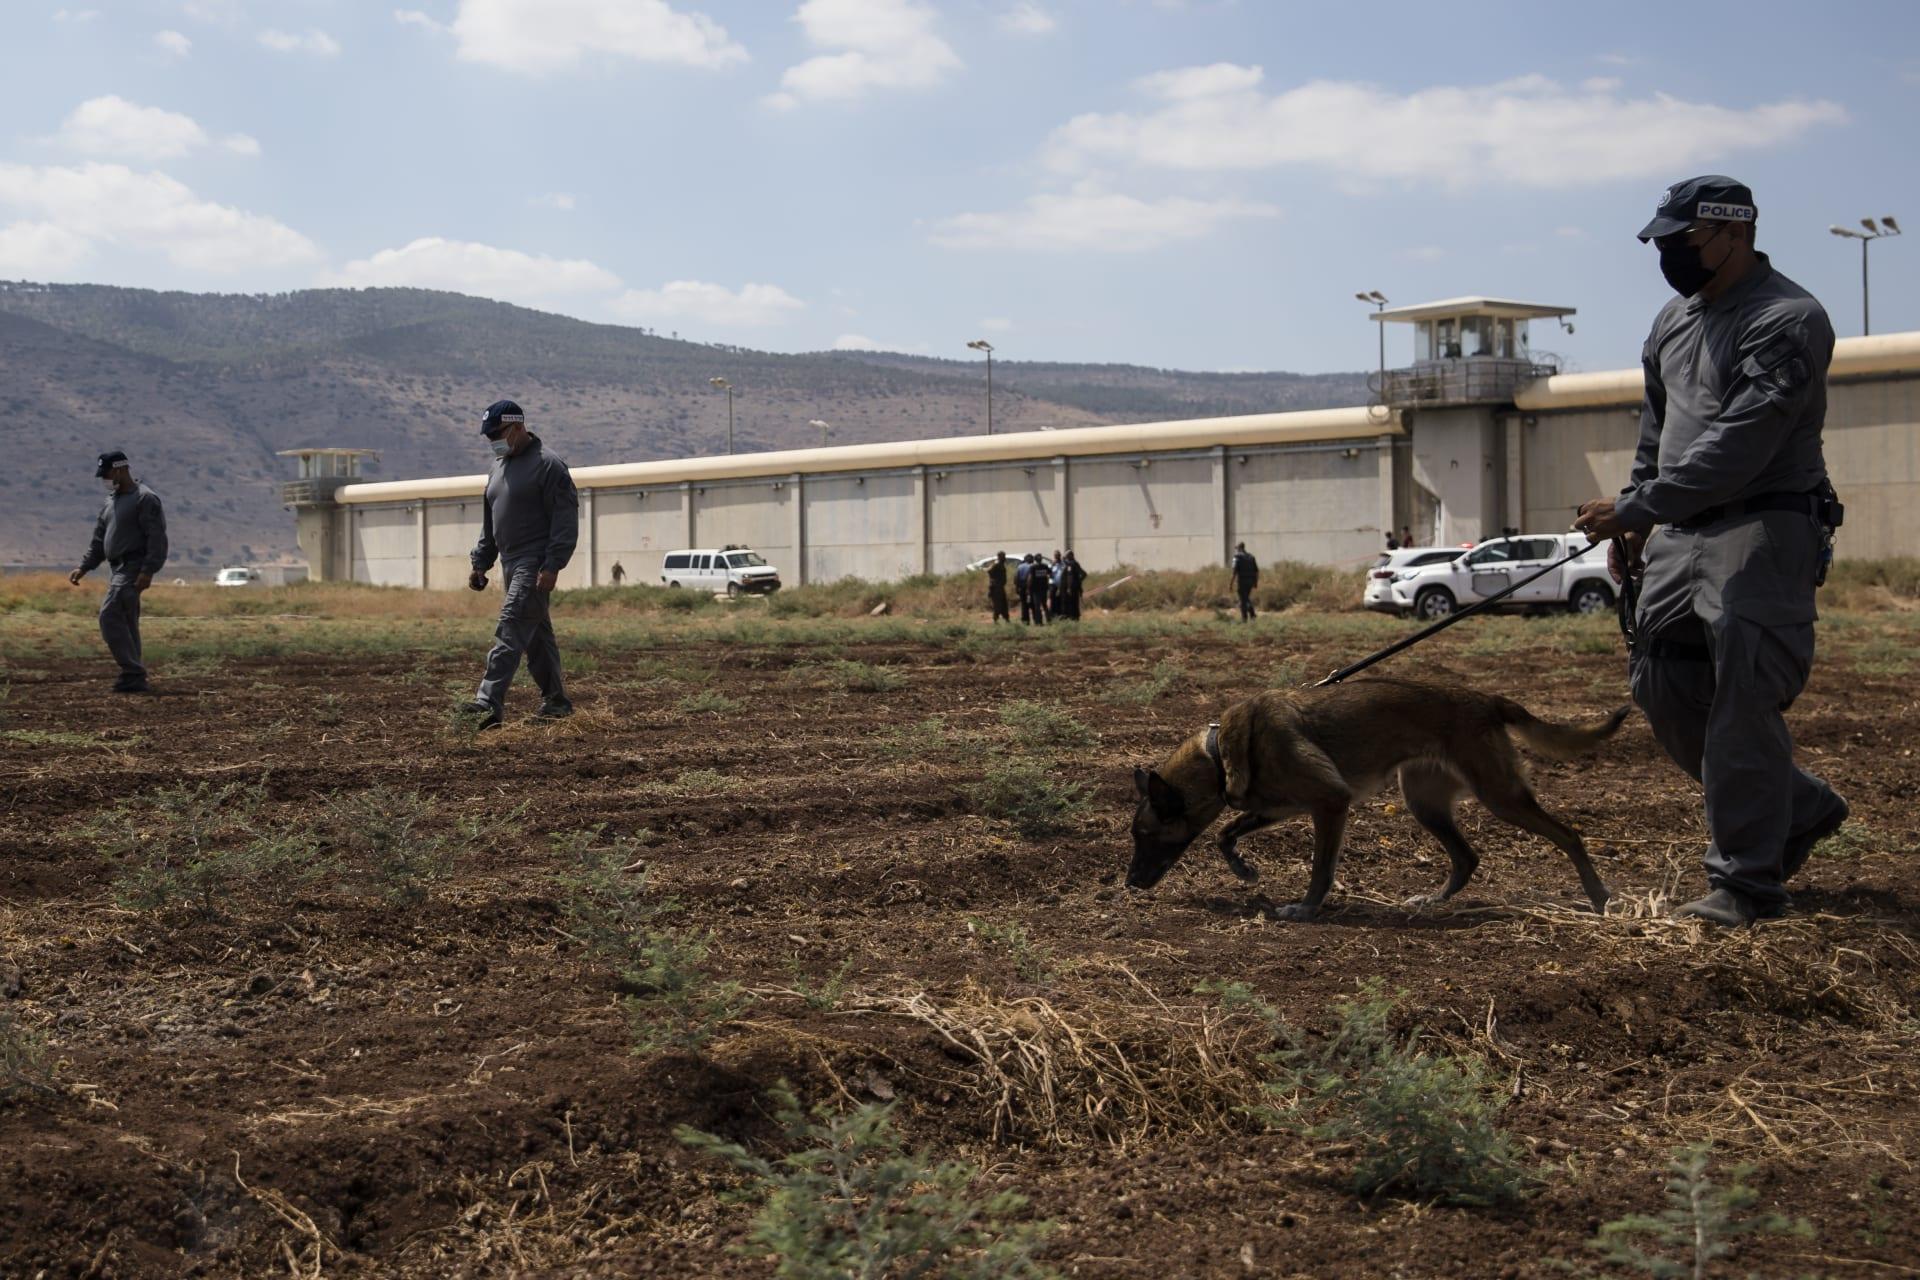 عمليات تفتيش للشرطة الإسرائيلية في نطاق سجن جلبوع الذي فر منه ستة سجناء فلسطينيين - 6 سبتمبر 2021